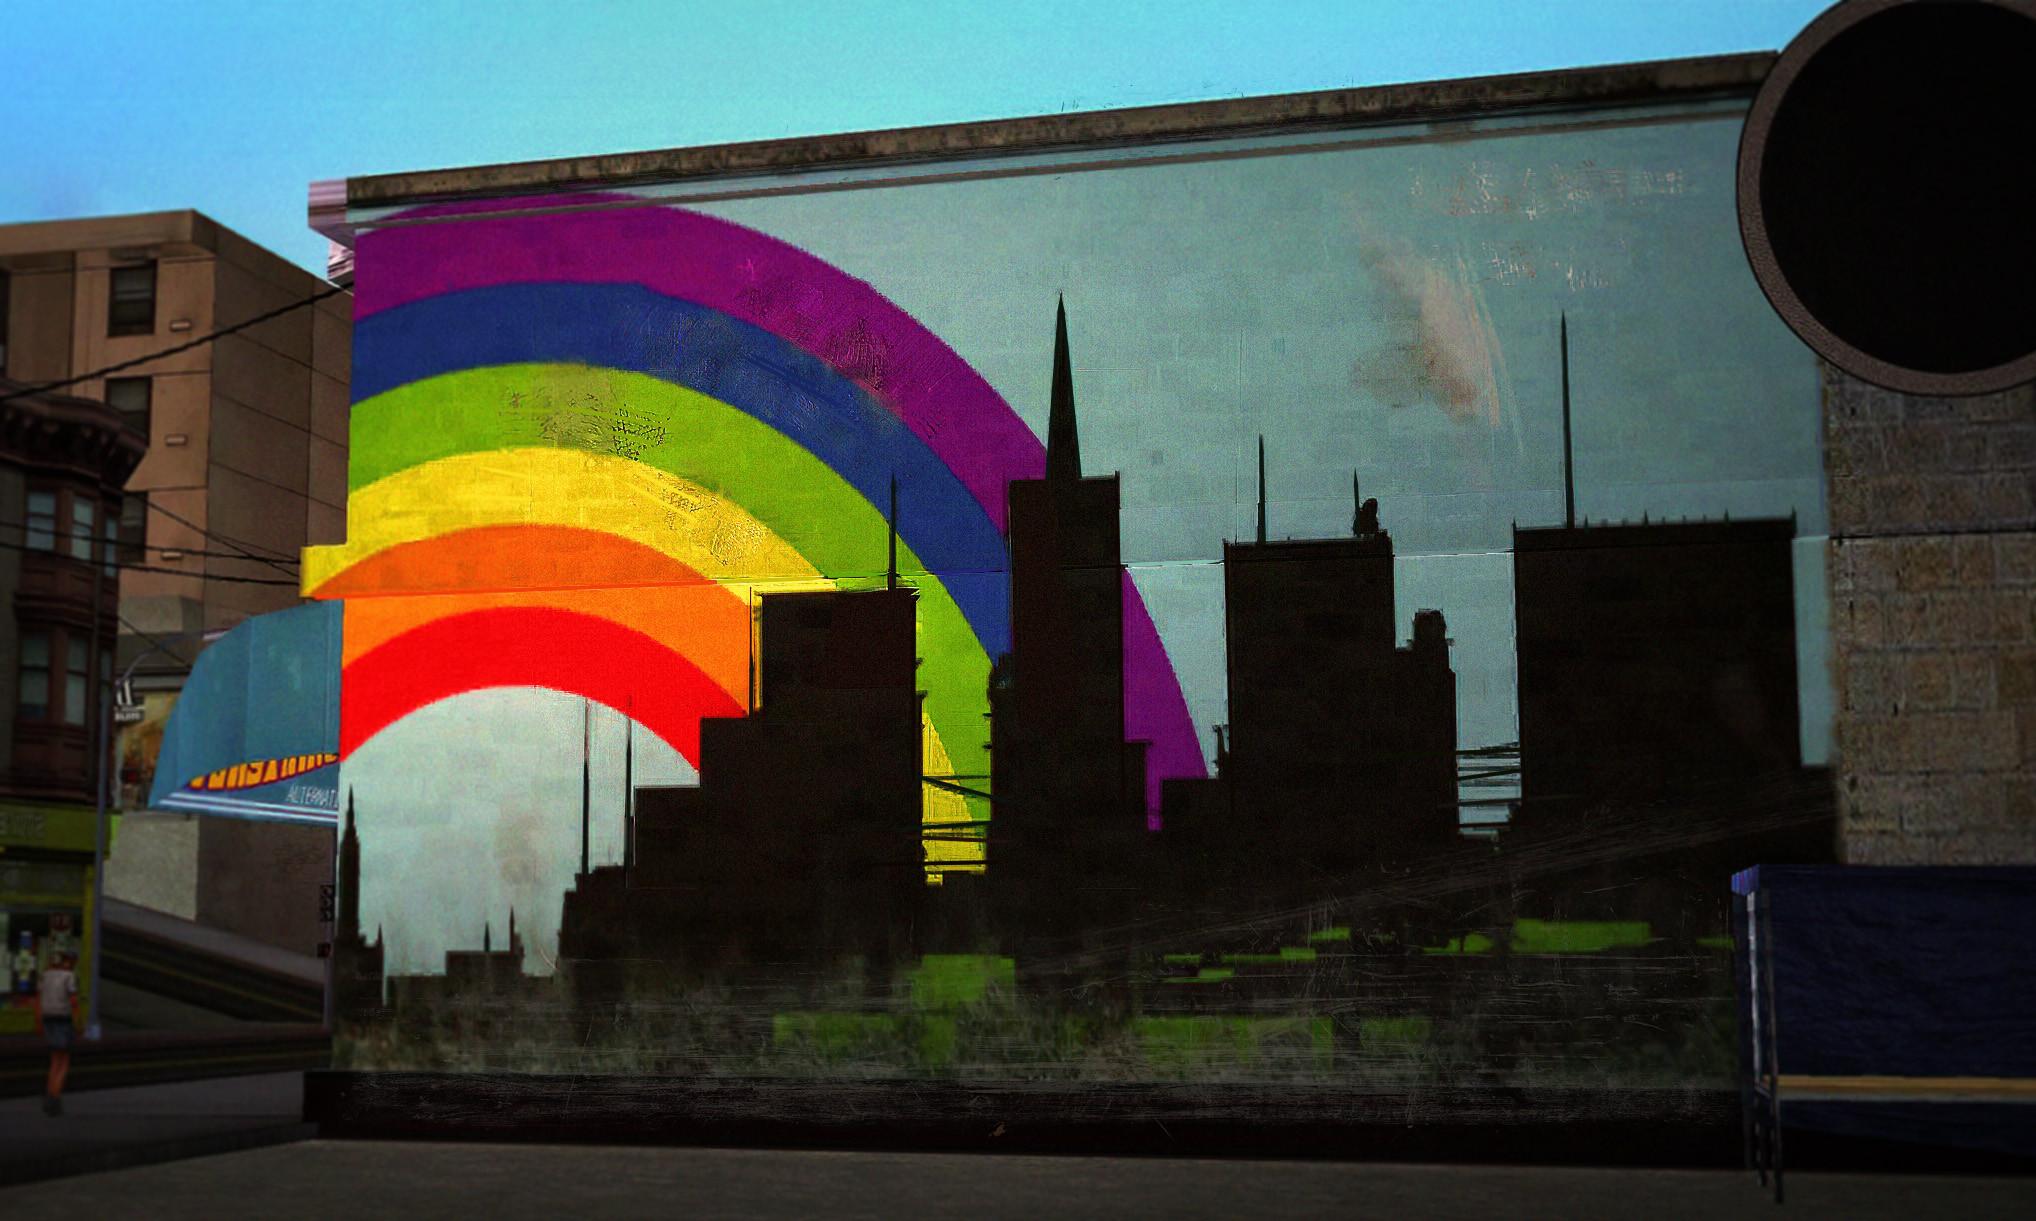 Rainbow in San Fiero 🎏